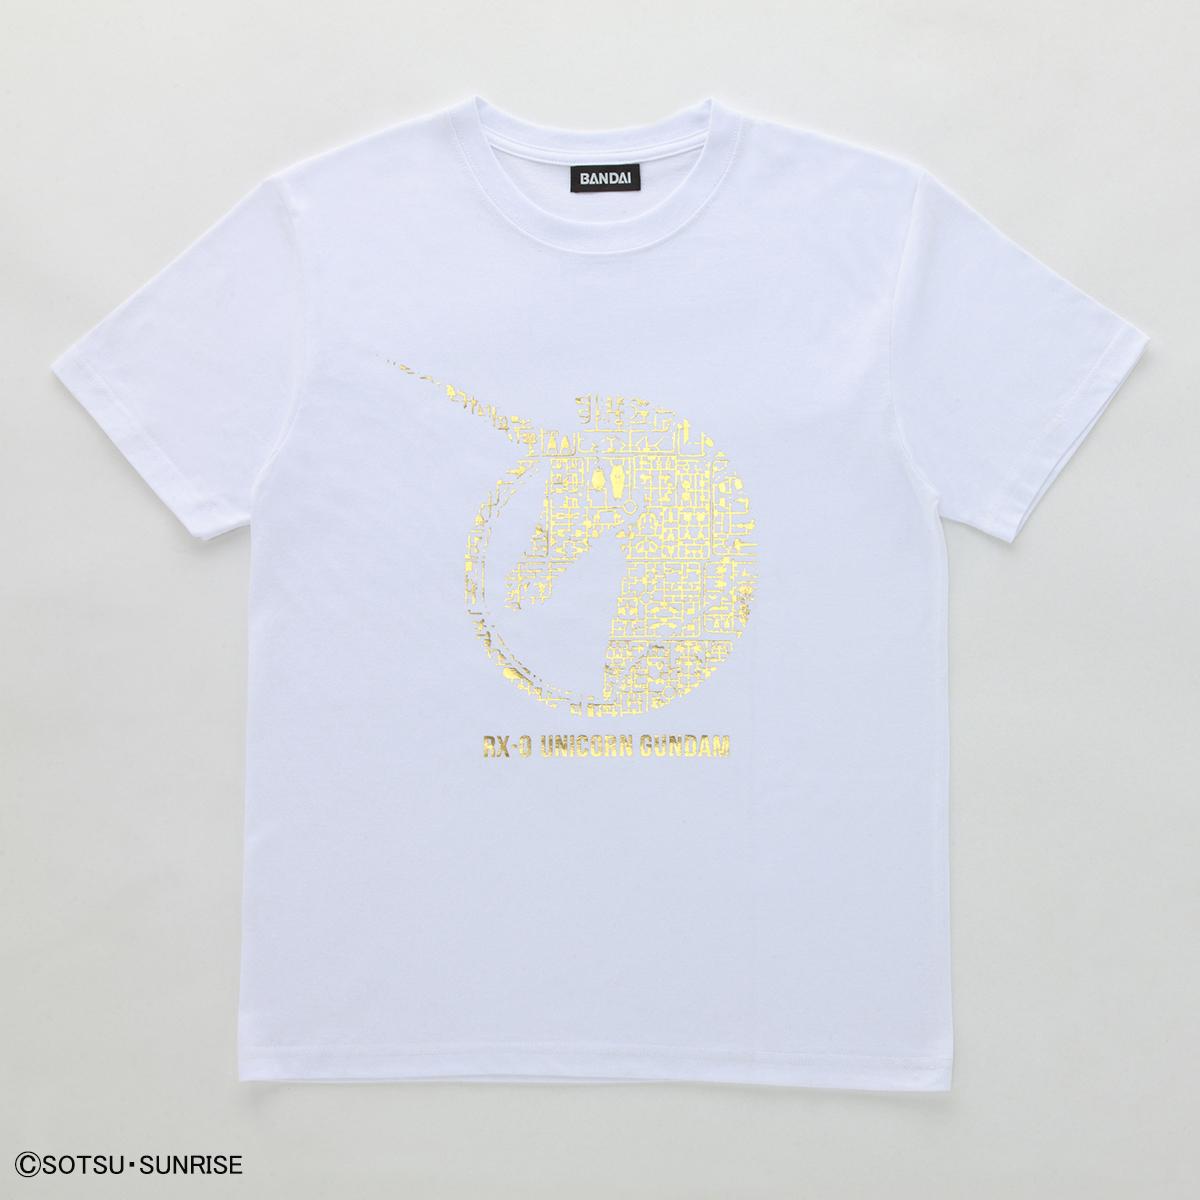 機動戦士ガンダムユニコーン ガンプラ ランナー Tシャツ  RX-0 ユニコーン白金 商品画像